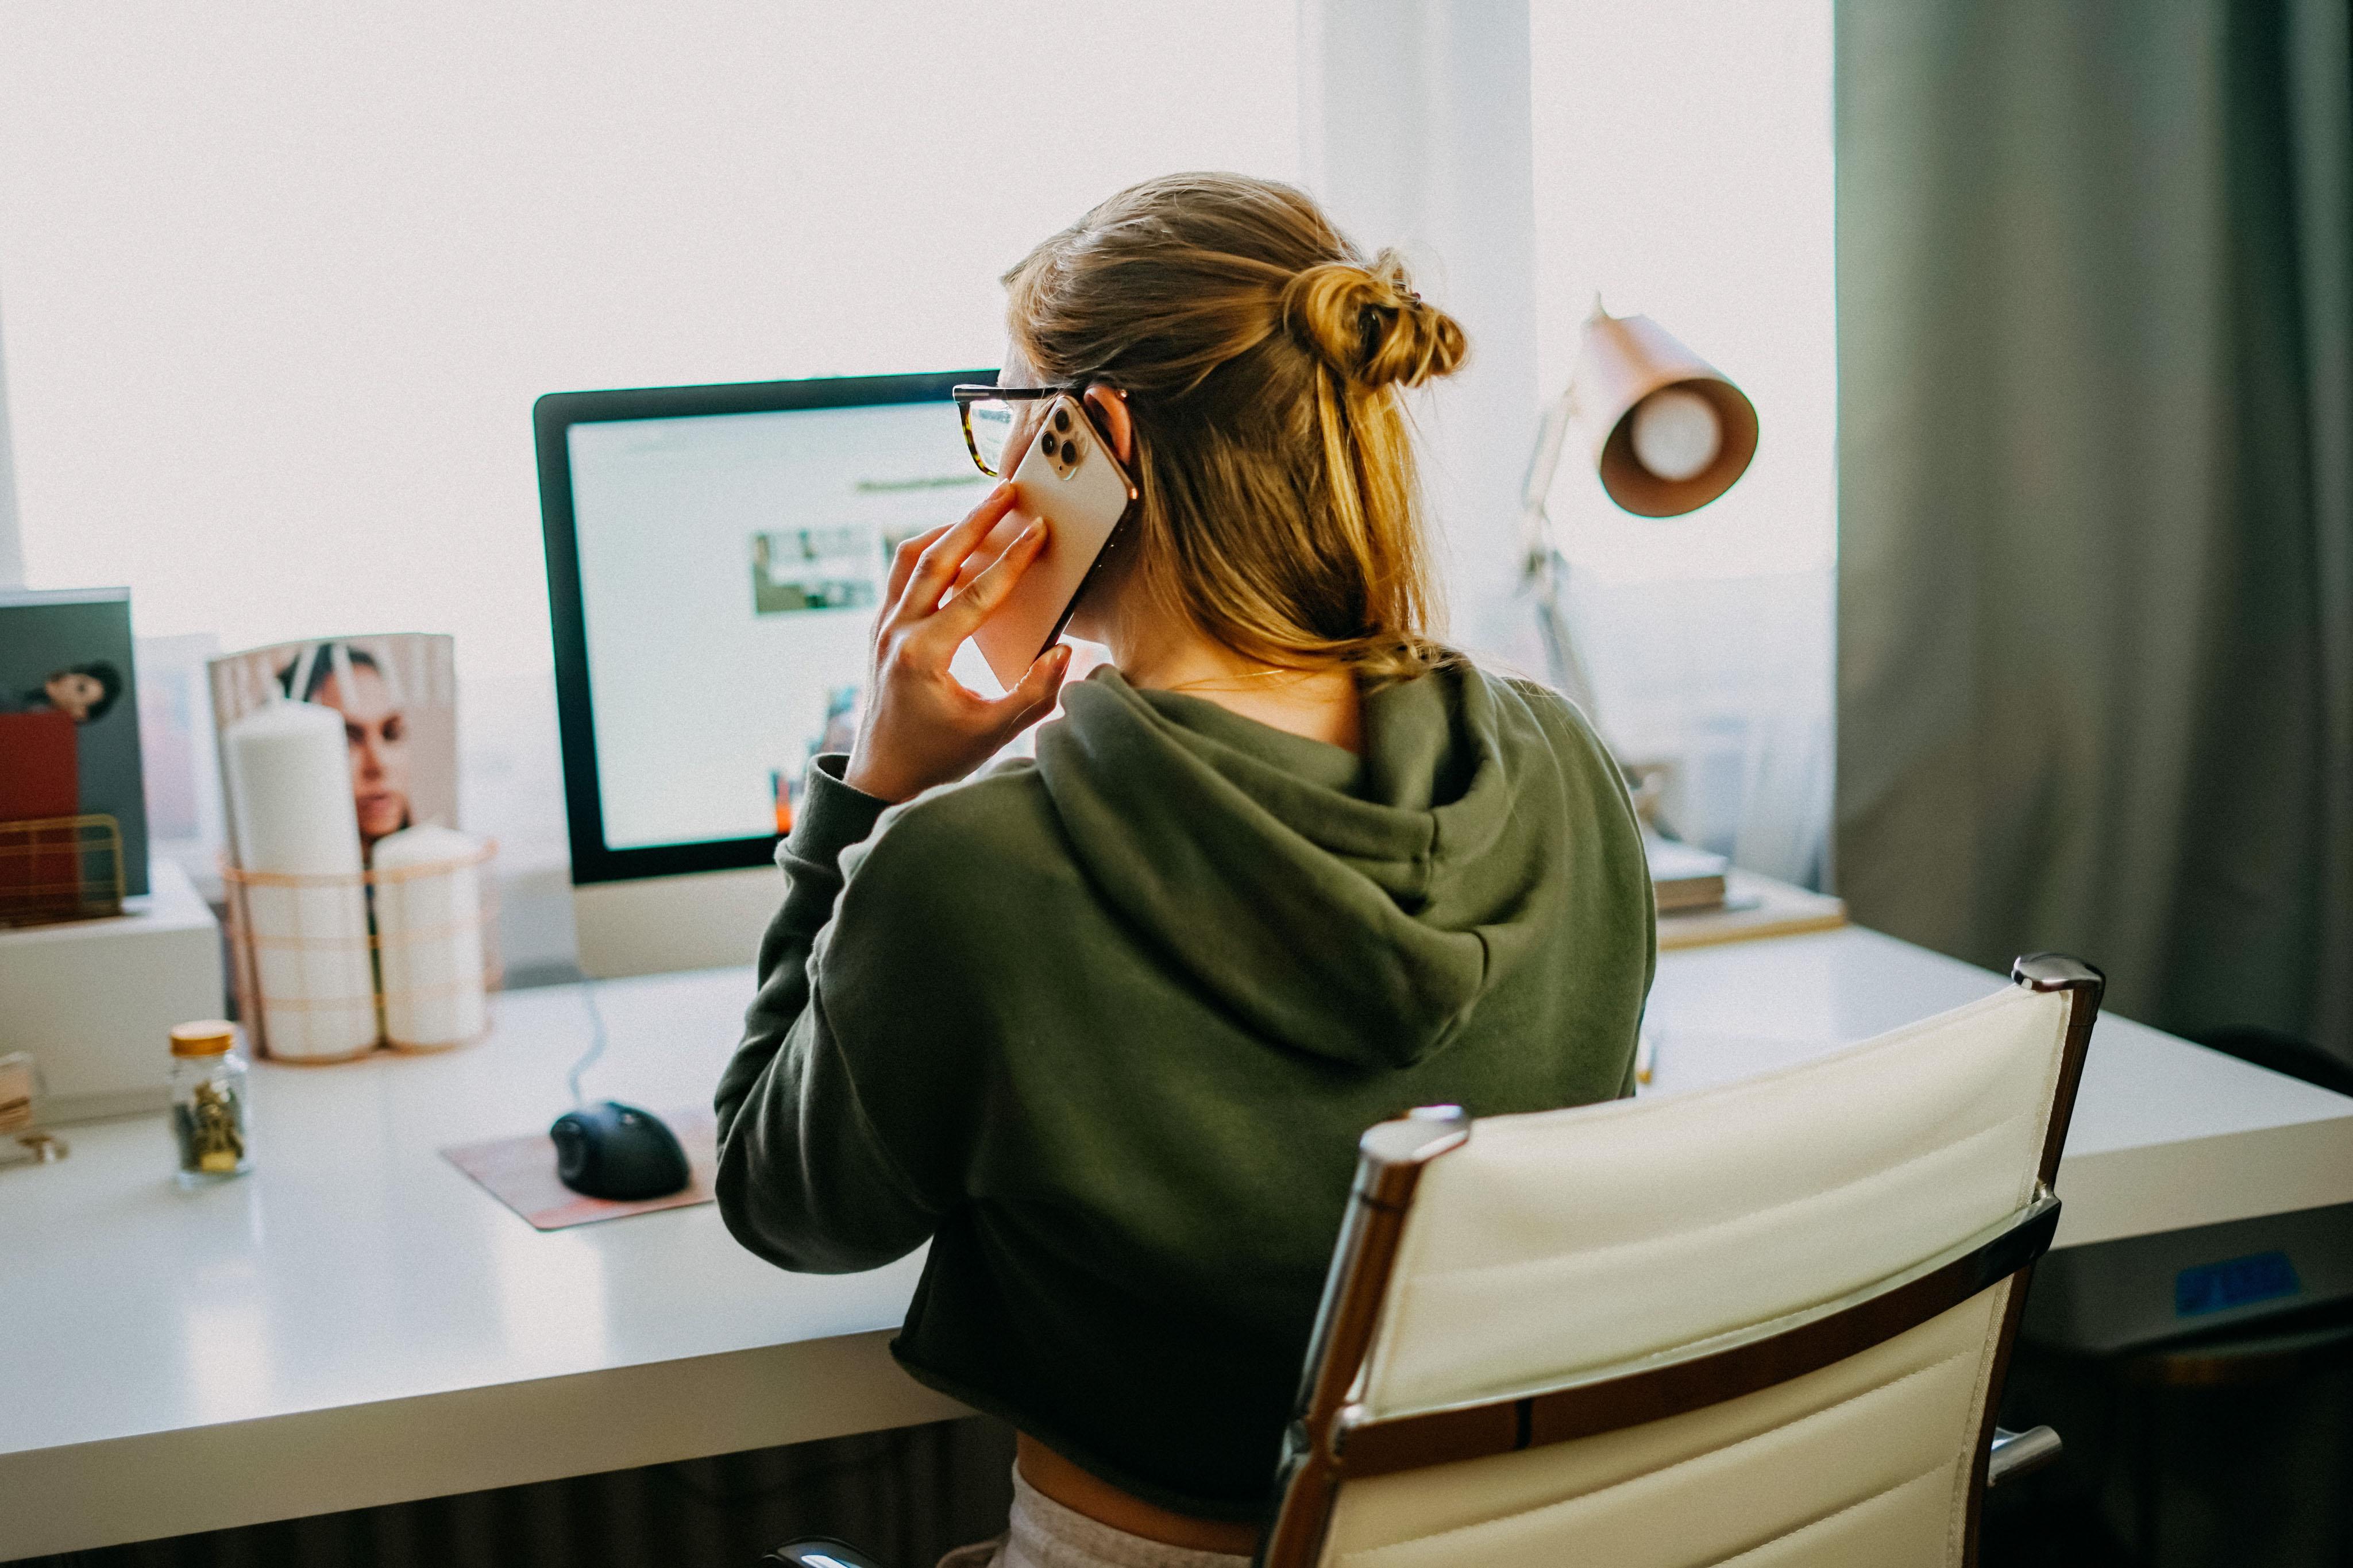 Karriere Tipps Erfolgreich Arbeiten im Home Office Businesswoman Karrierefrau Business Tipps Dos Donts Home Office Regeln 92